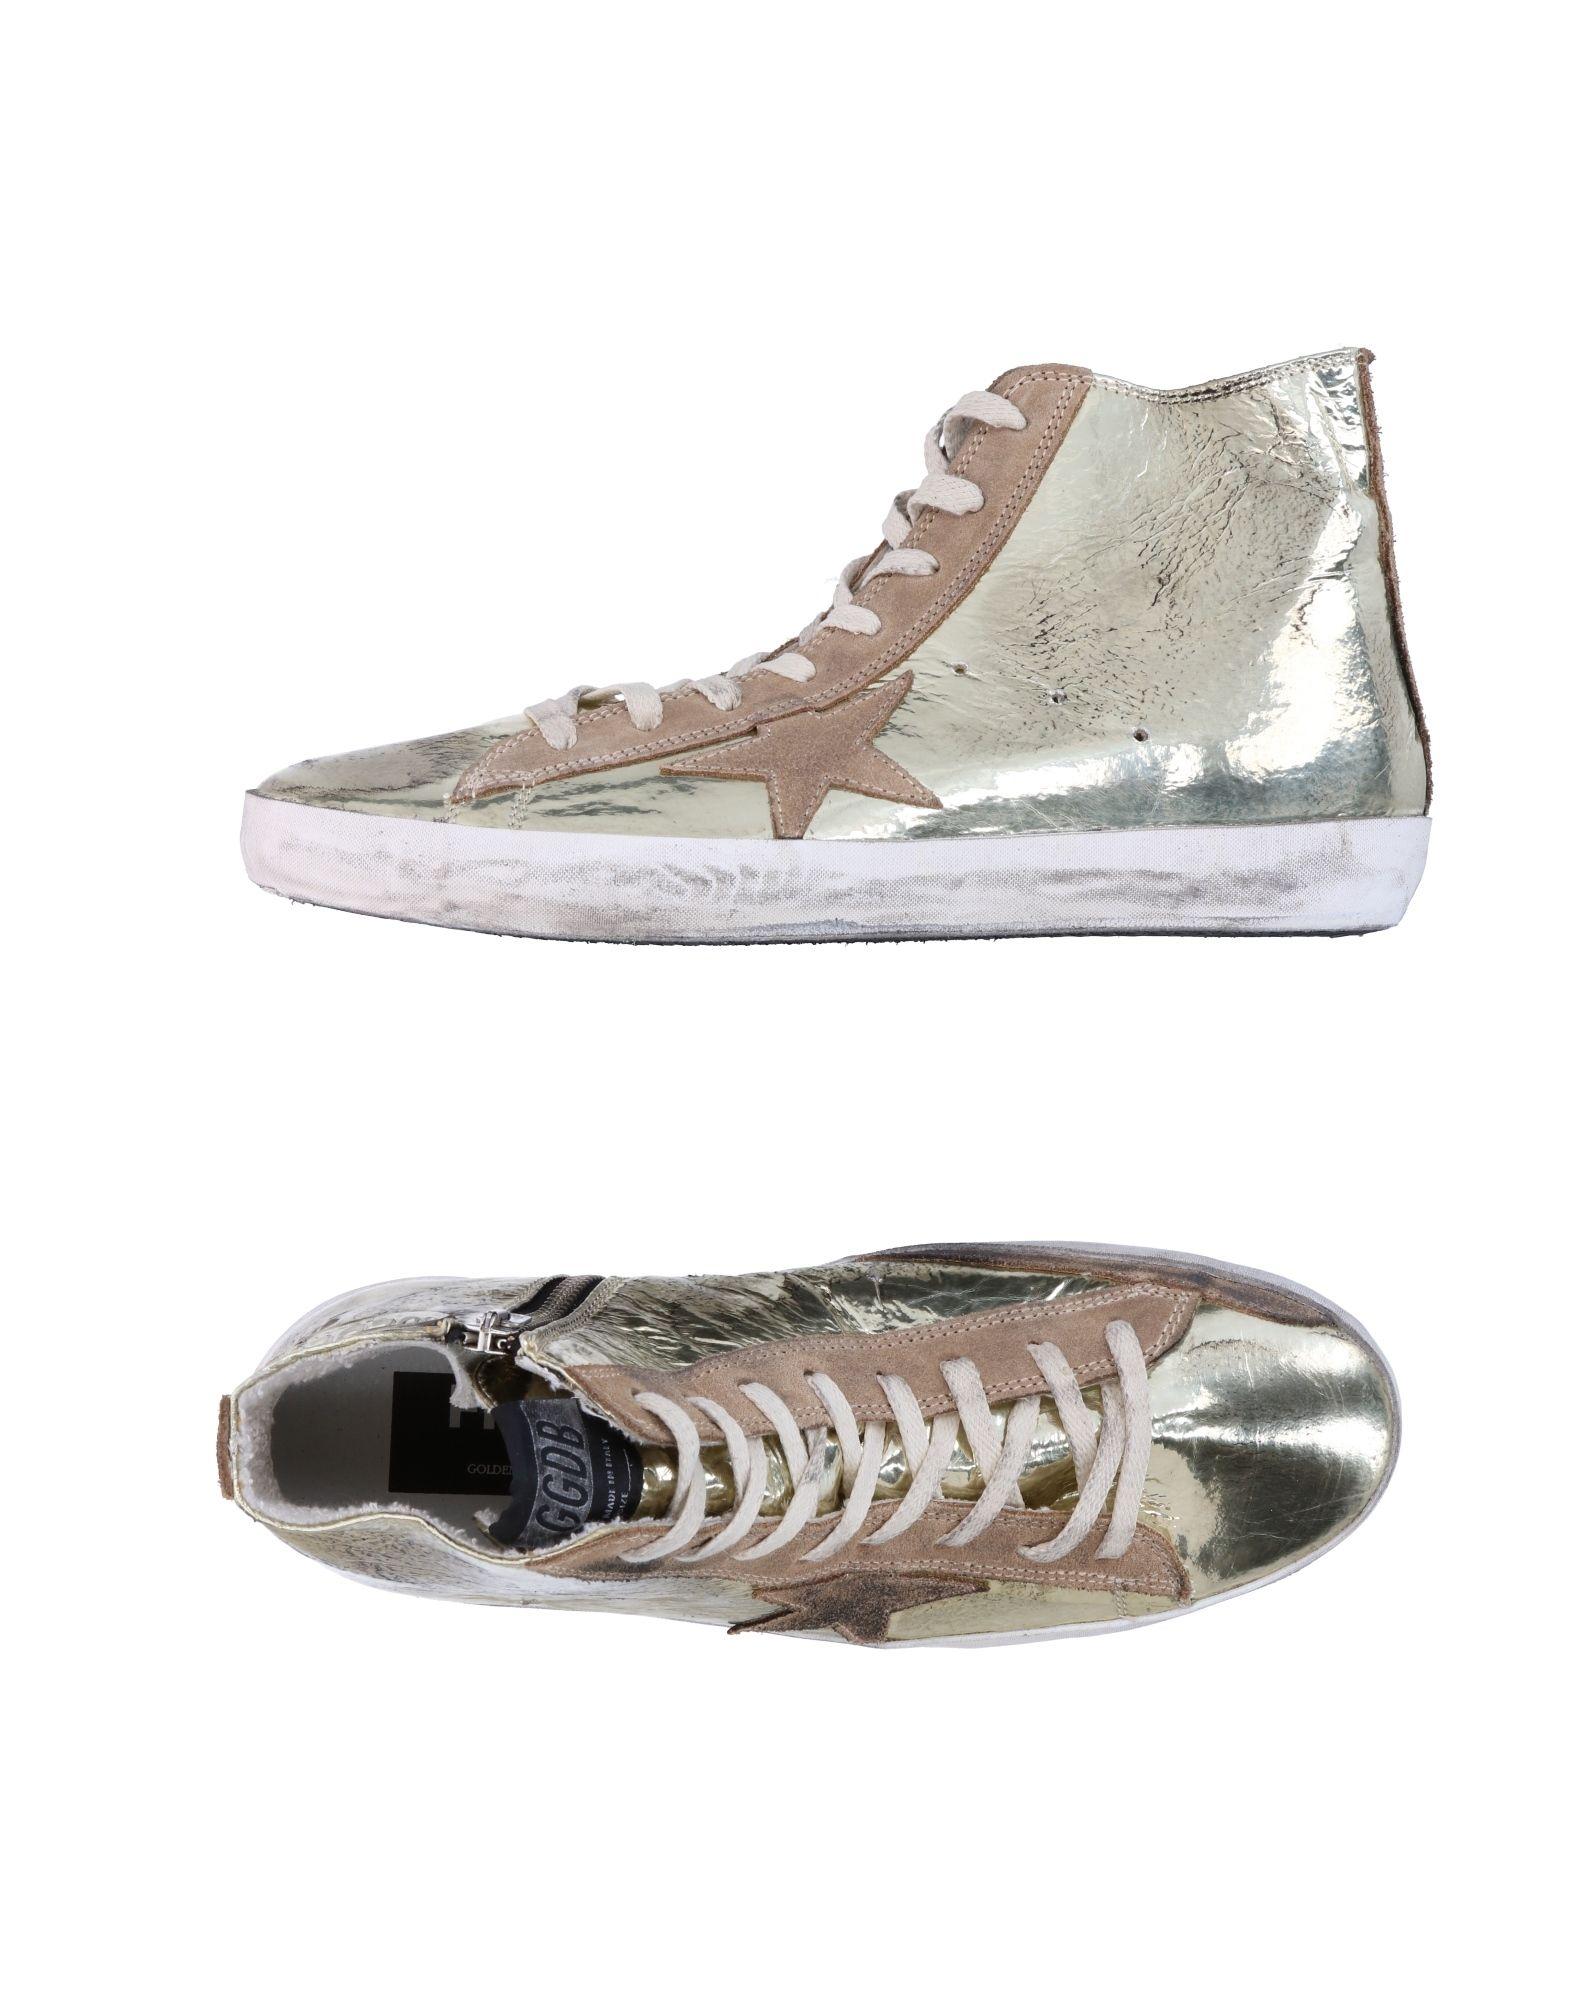 Golden Goose Deluxe Deluxe Deluxe Brand Sneakers Damen  11272453QN Neue Schuhe 1981b1